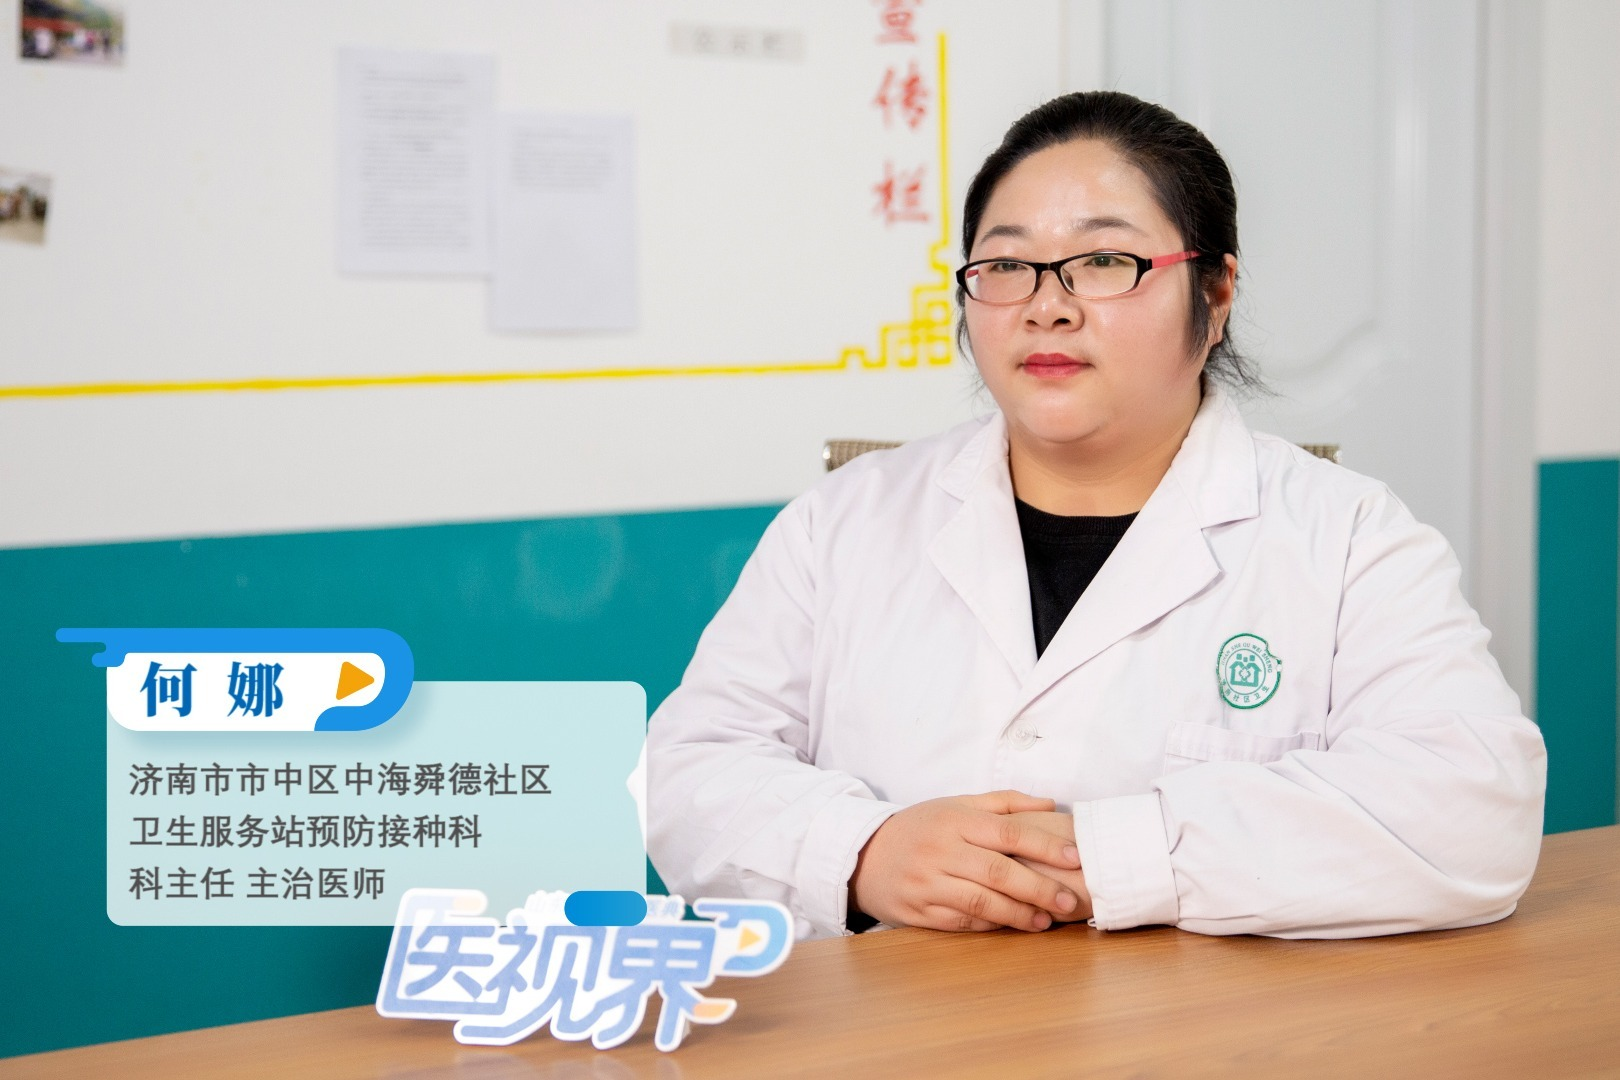 医视界丨除了饮食 还有哪些方式能提高儿童机体的抗病与耐寒能力?